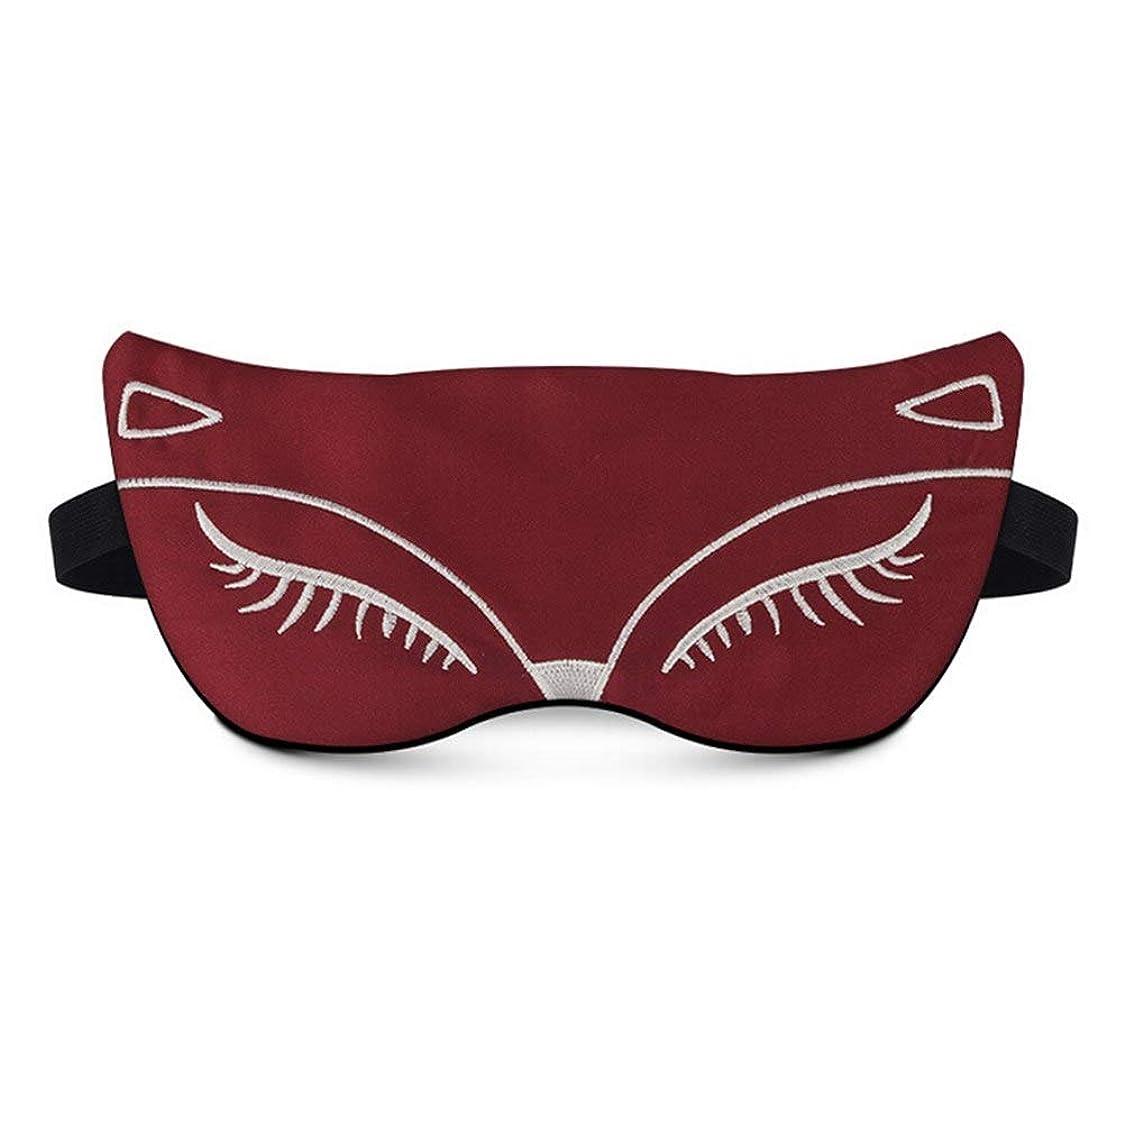 洋服ブランデーロックNOTE フォックス形状目隠し漫画素敵な睡眠アイマスクシェーディング睡眠ケア機器用女性模造シルク刺繍目パッチ